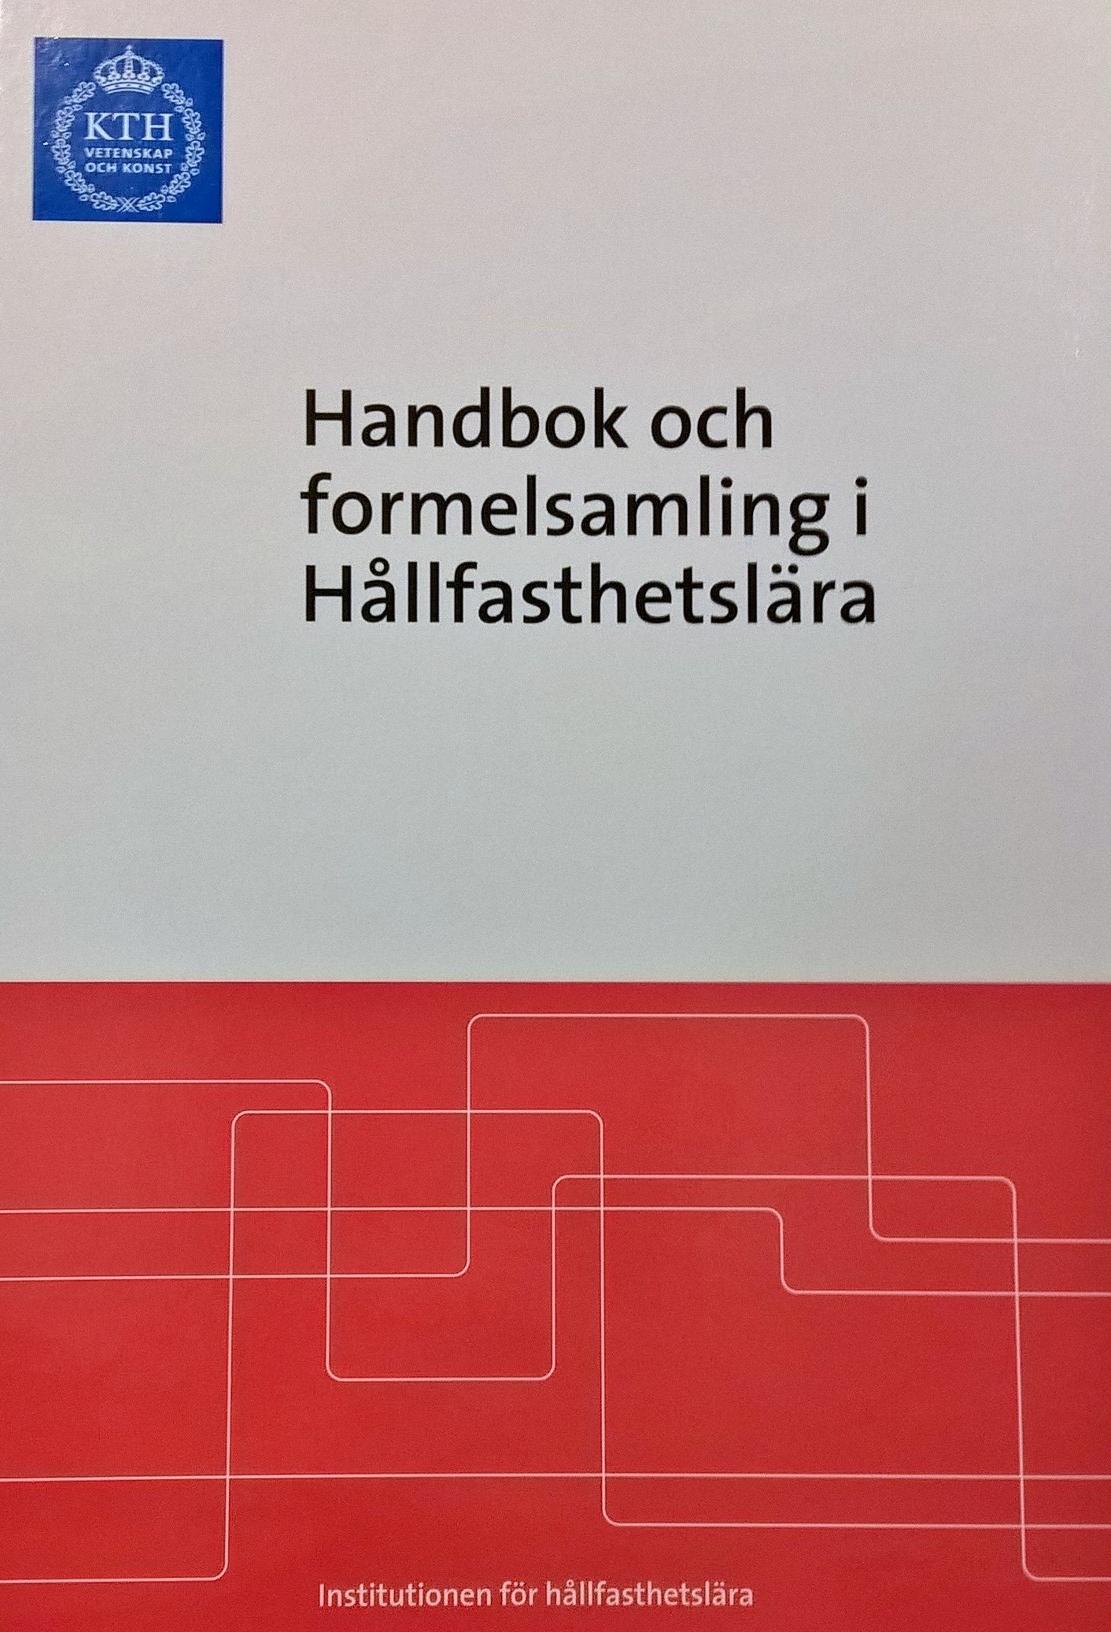 handbok och formelsamling i hållfasthetslära kth